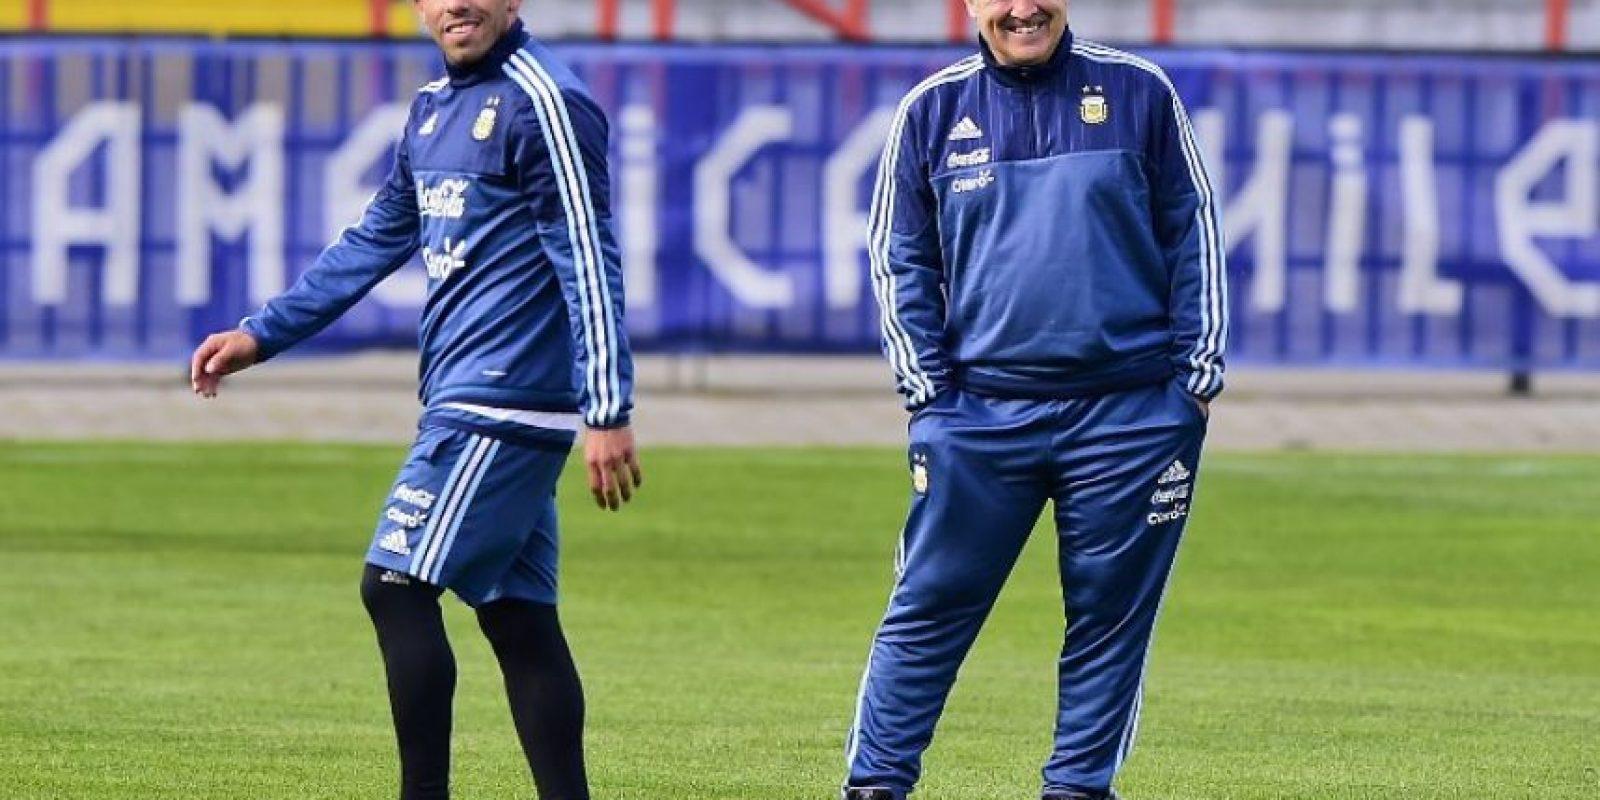 Le gusta charlar con sus futbolistas dentro del campo Foto:AFP